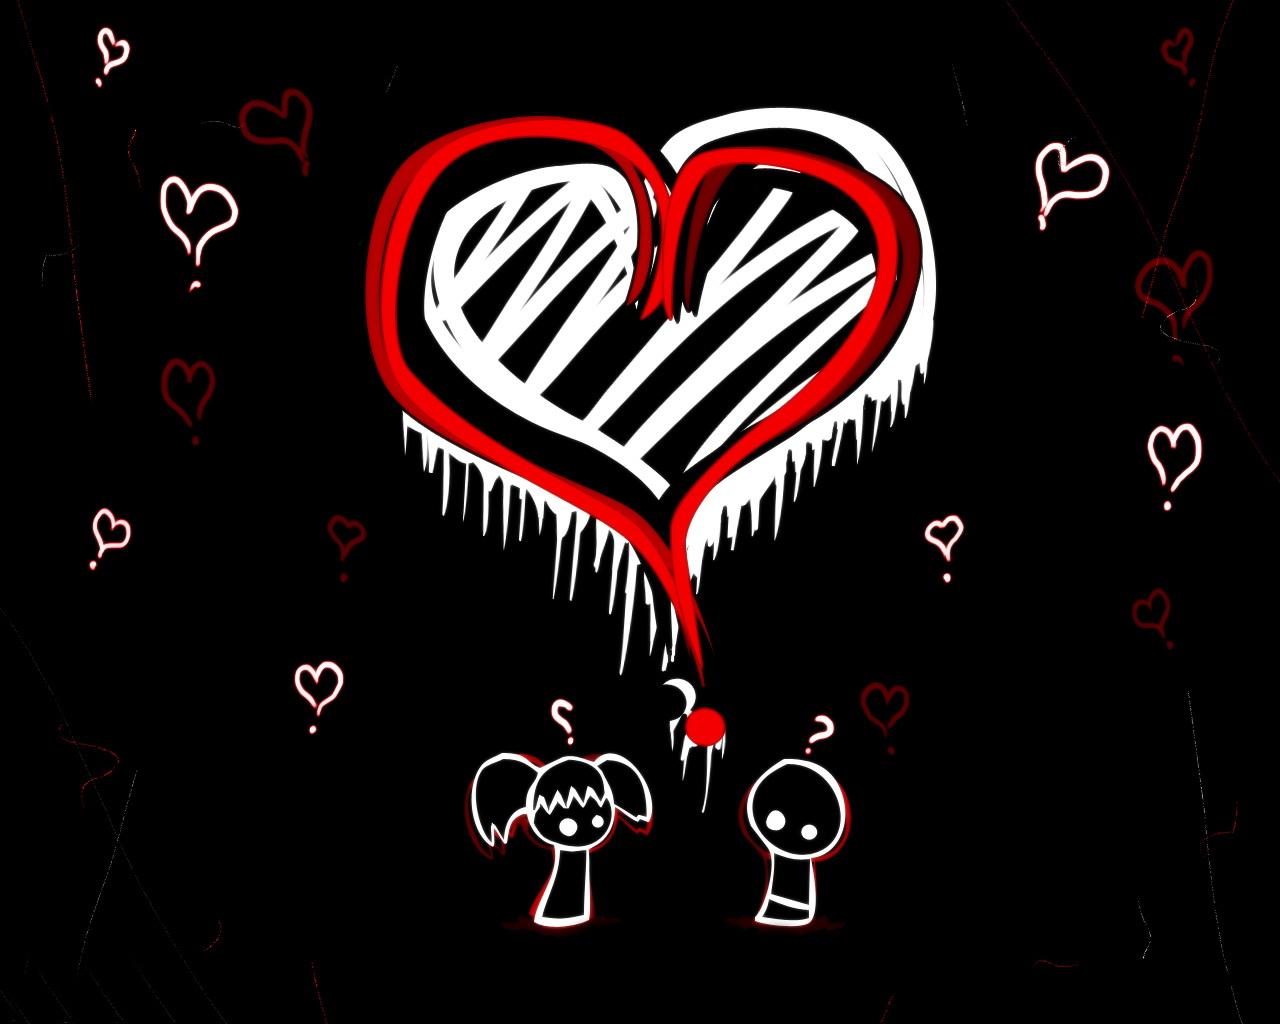 http://4.bp.blogspot.com/_dNeslGa9TVw/TAYLaU6yynI/AAAAAAAAAGc/hiFuj4xtGKk/s1600/Emo_Emo_style_005152_-322400.jpg